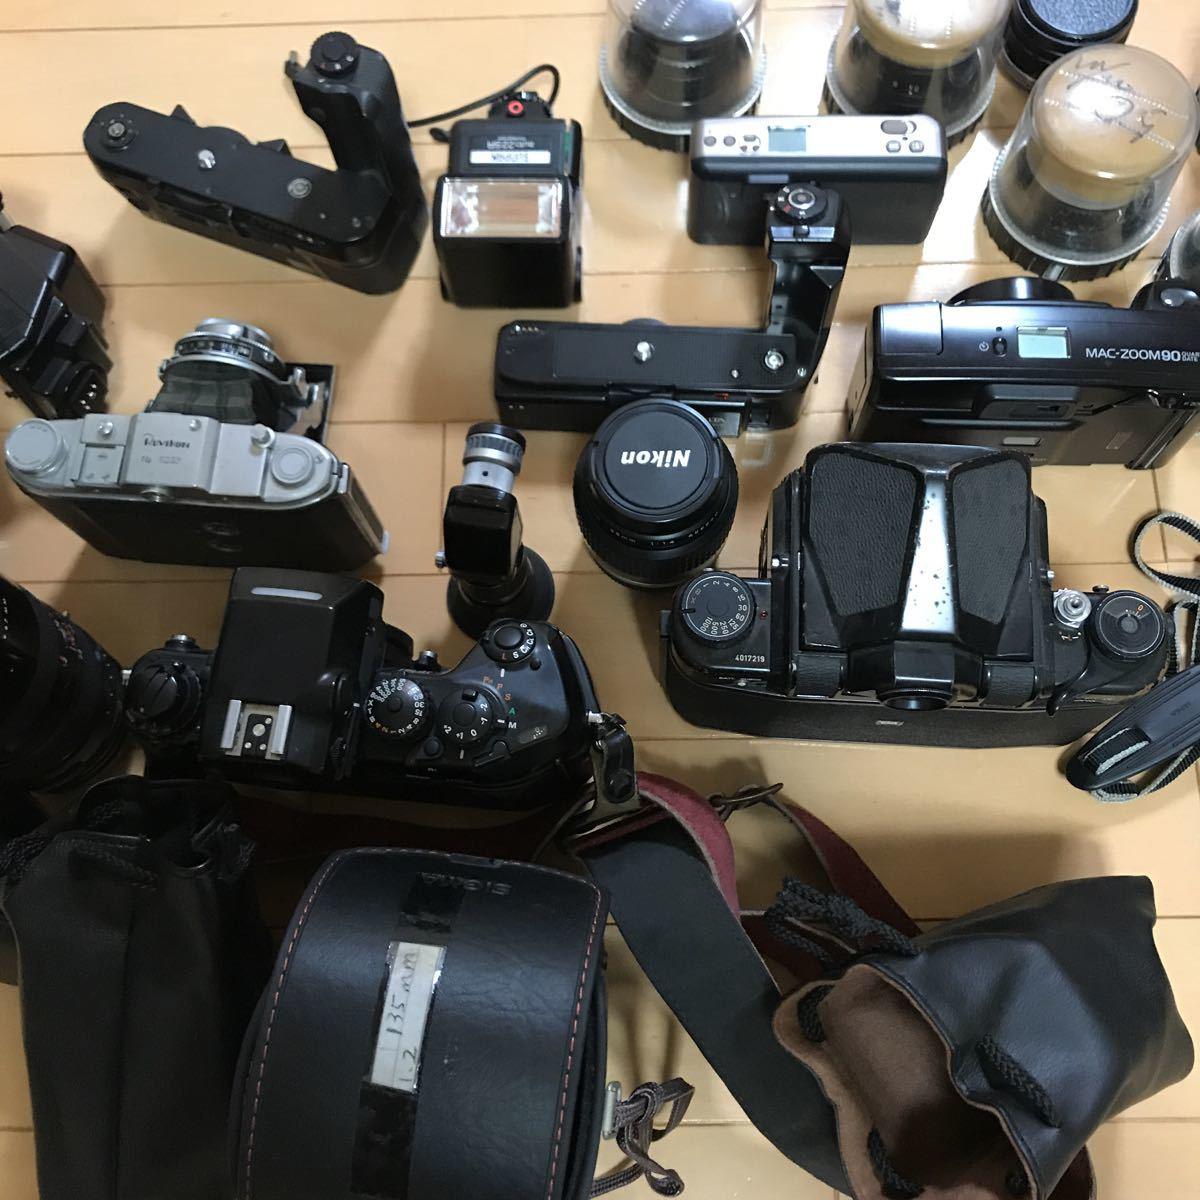 ジャンク ニコン ペンタックス など フィルムカメラ レンズ 色々 いろいろ_画像10